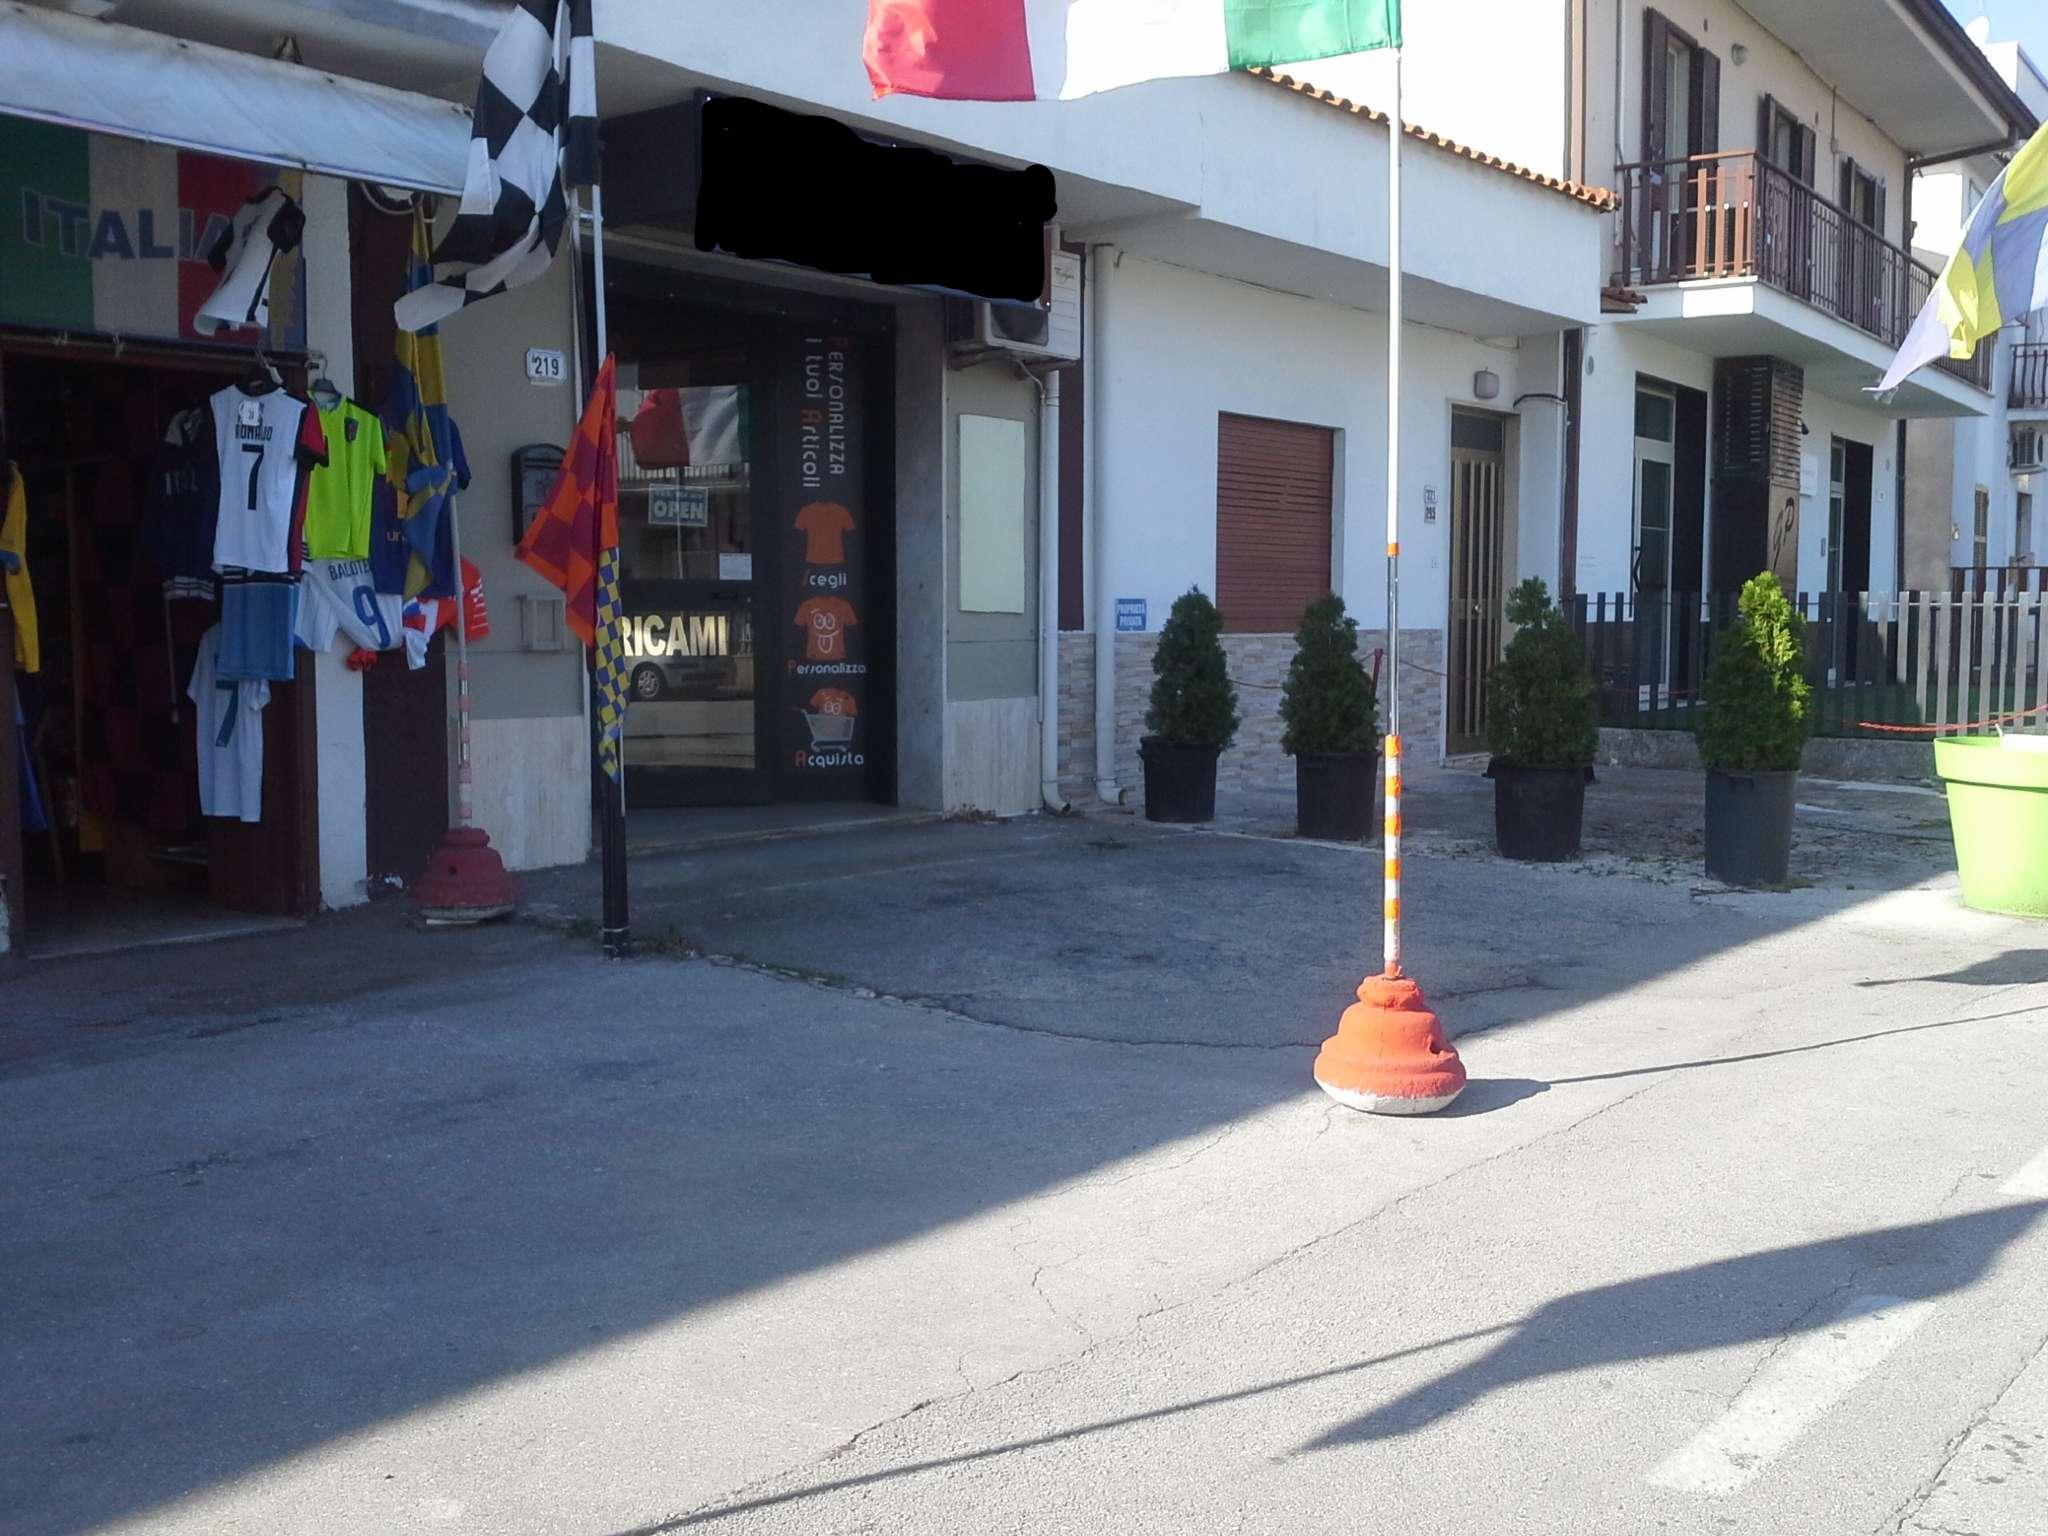 Negozio / Locale in vendita a Frosinone, 1 locali, prezzo € 125.000 | CambioCasa.it